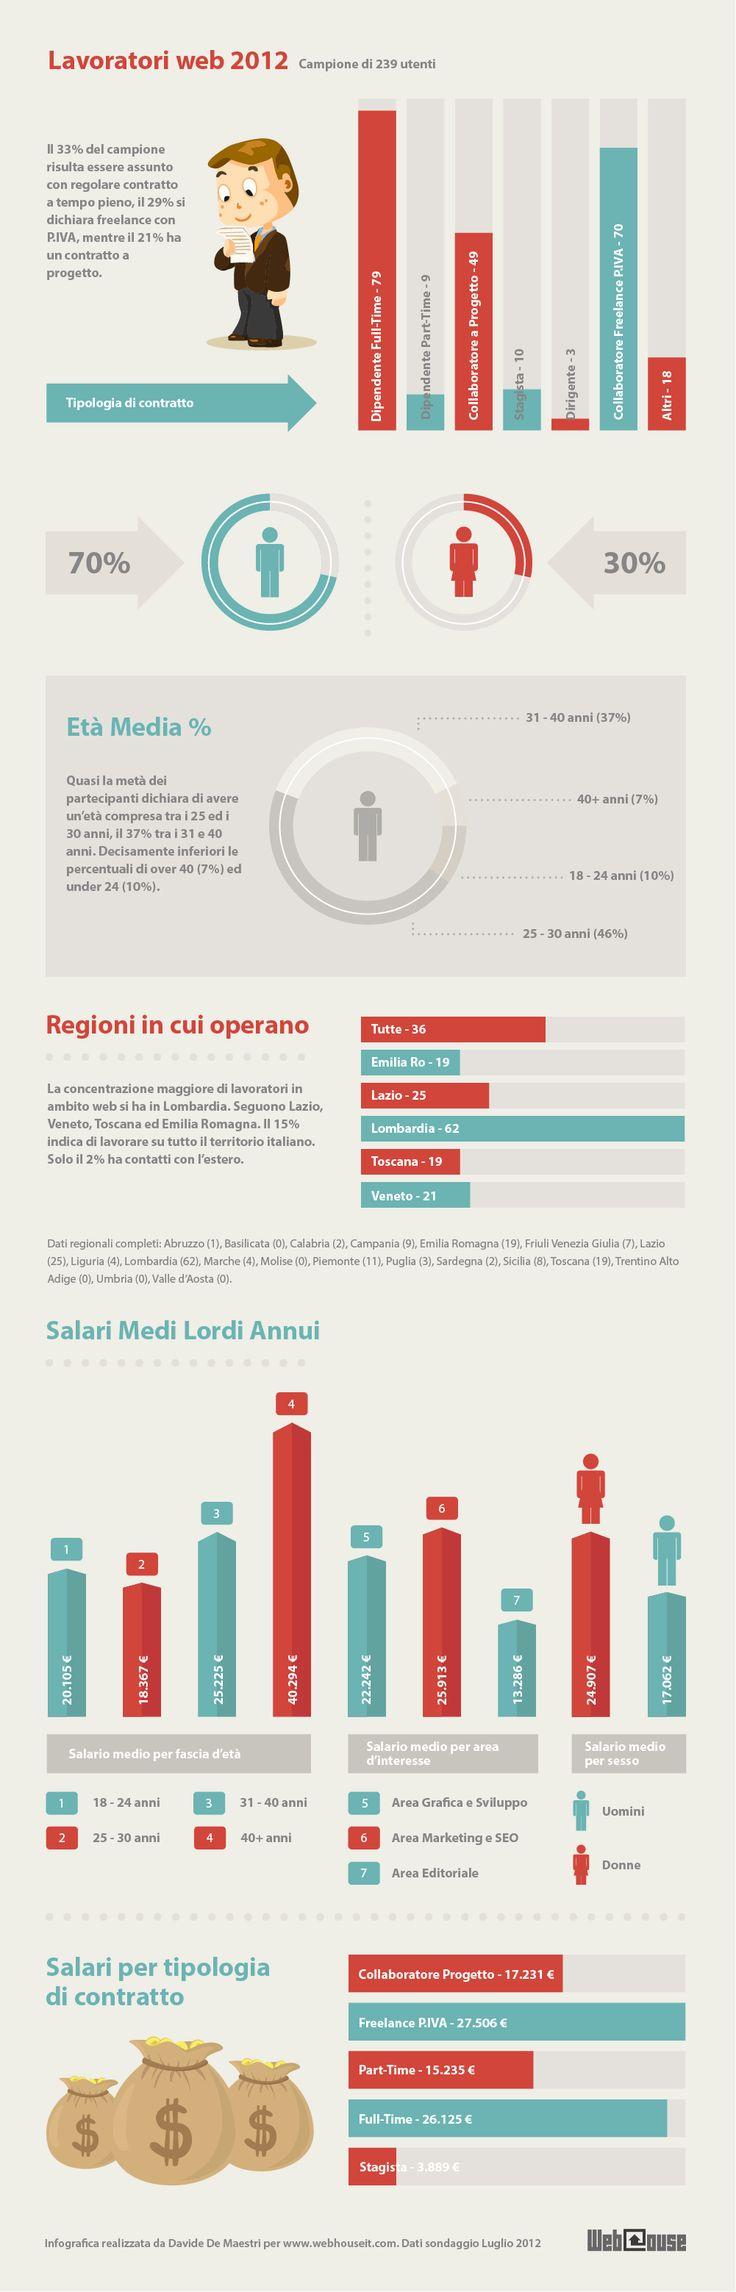 Infografica Salari Lavoratori Web 2012 - indagine sulle tipologie di contratto, l'età e i compensi di chi lavora nel settore web